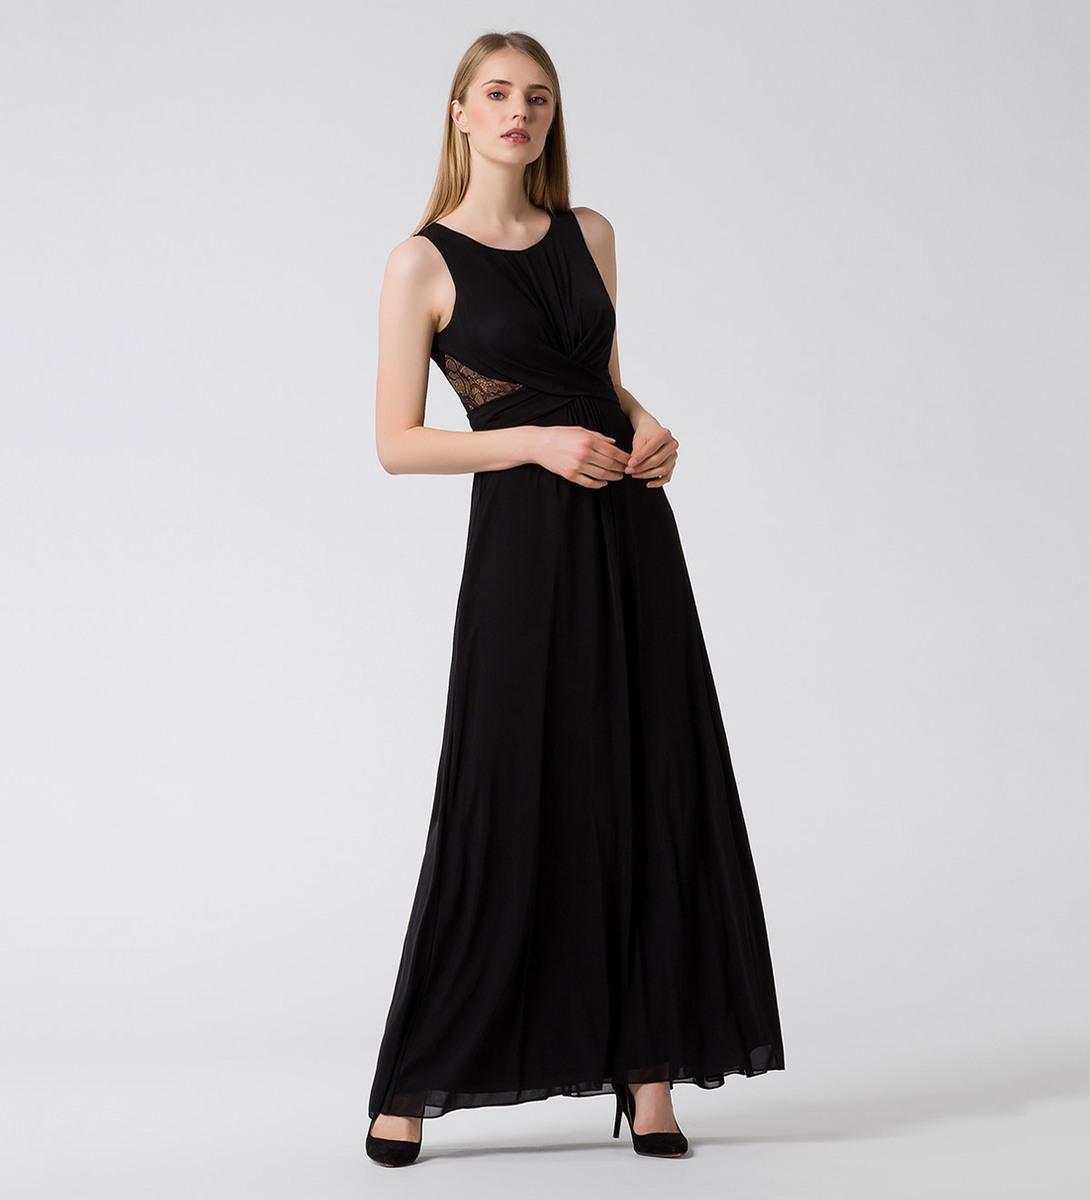 Kleid mit Details aus Spitze in black